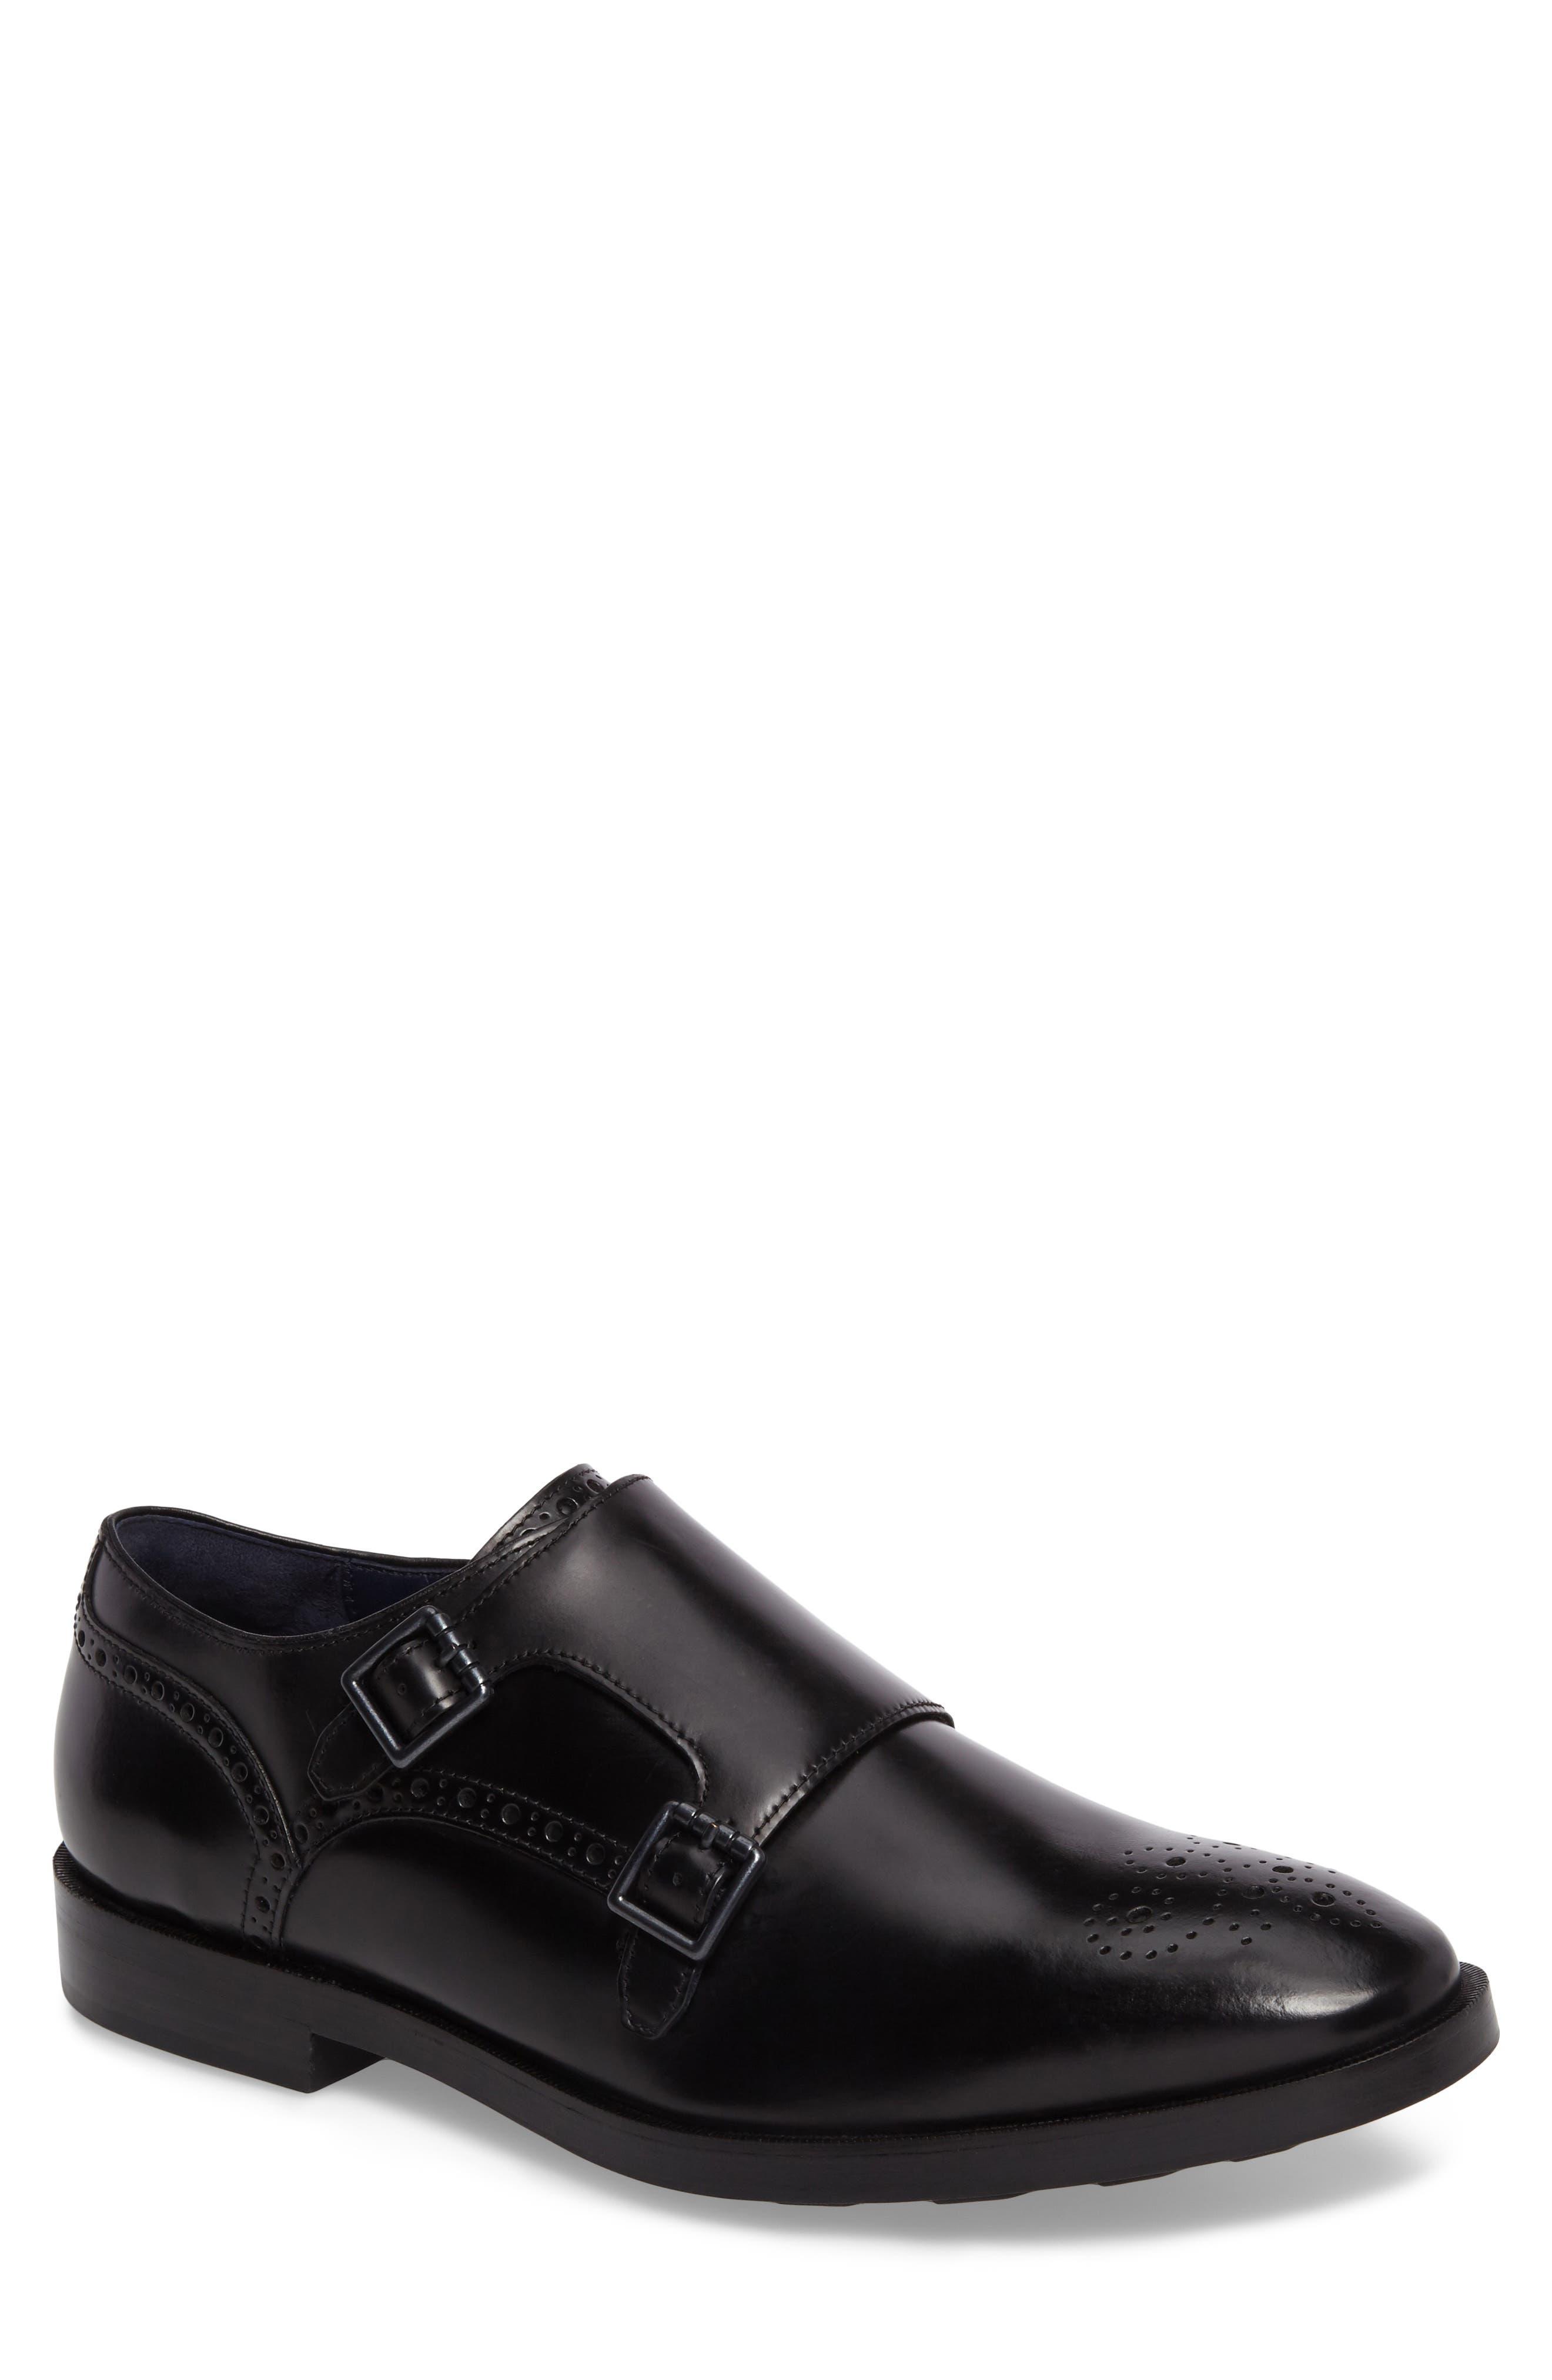 Alternate Image 1 Selected - Cole Haan Hamilton Double Monk Strap Shoe (Men)